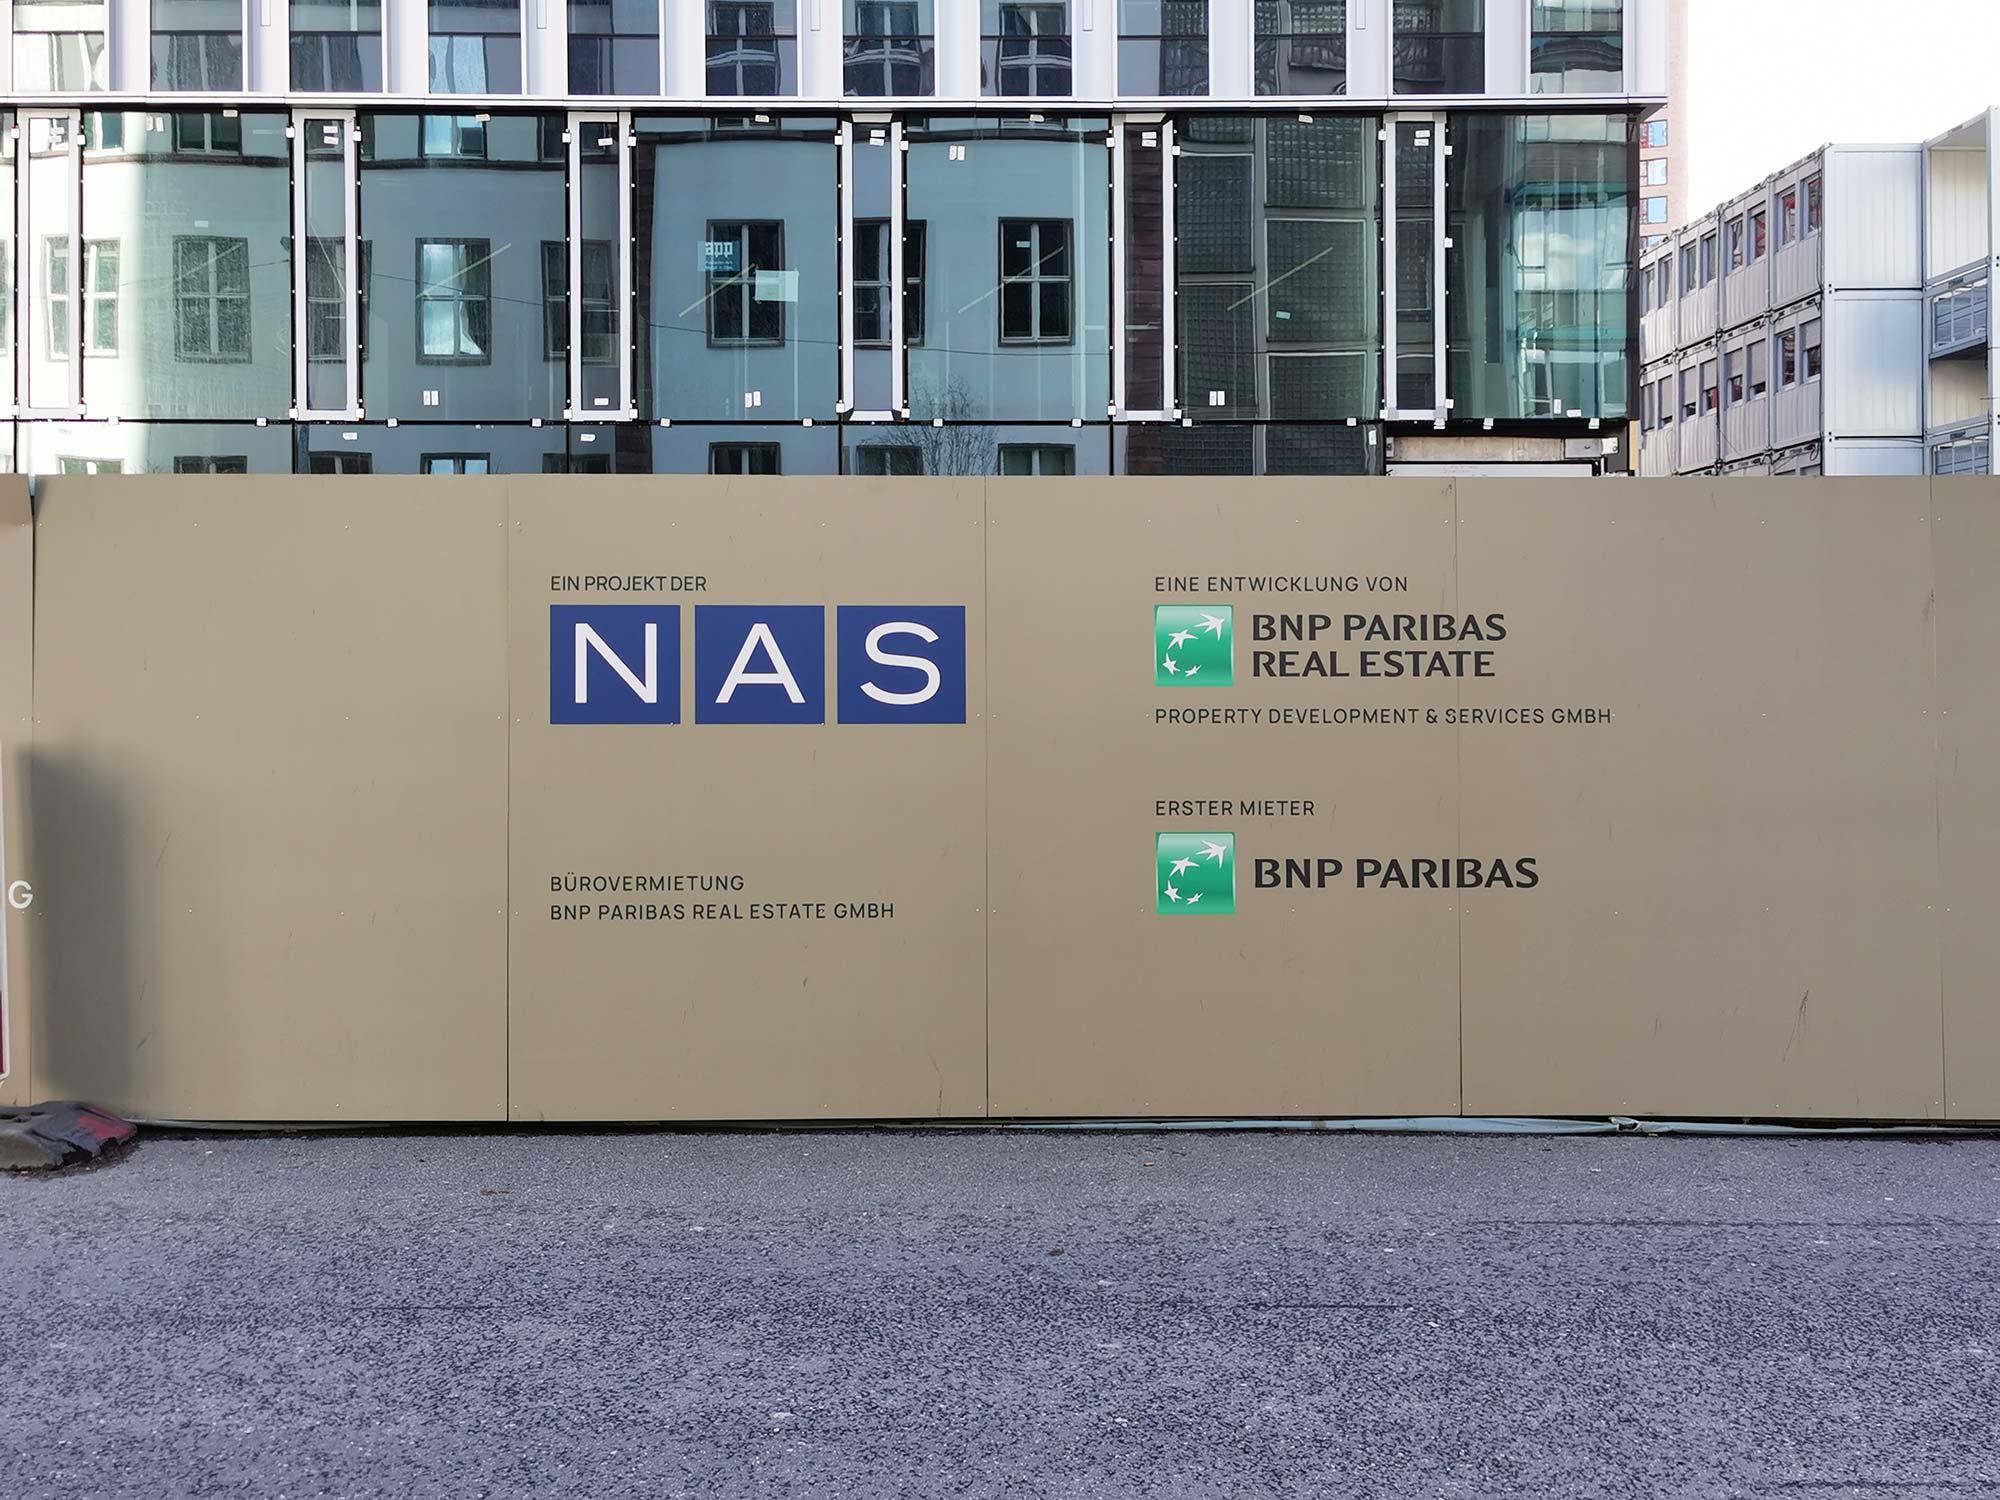 Der Senckenberg Turm ist ein Projekt der NAS Invest - Bürovermietung BNP Parisbas Real Estate GmbH